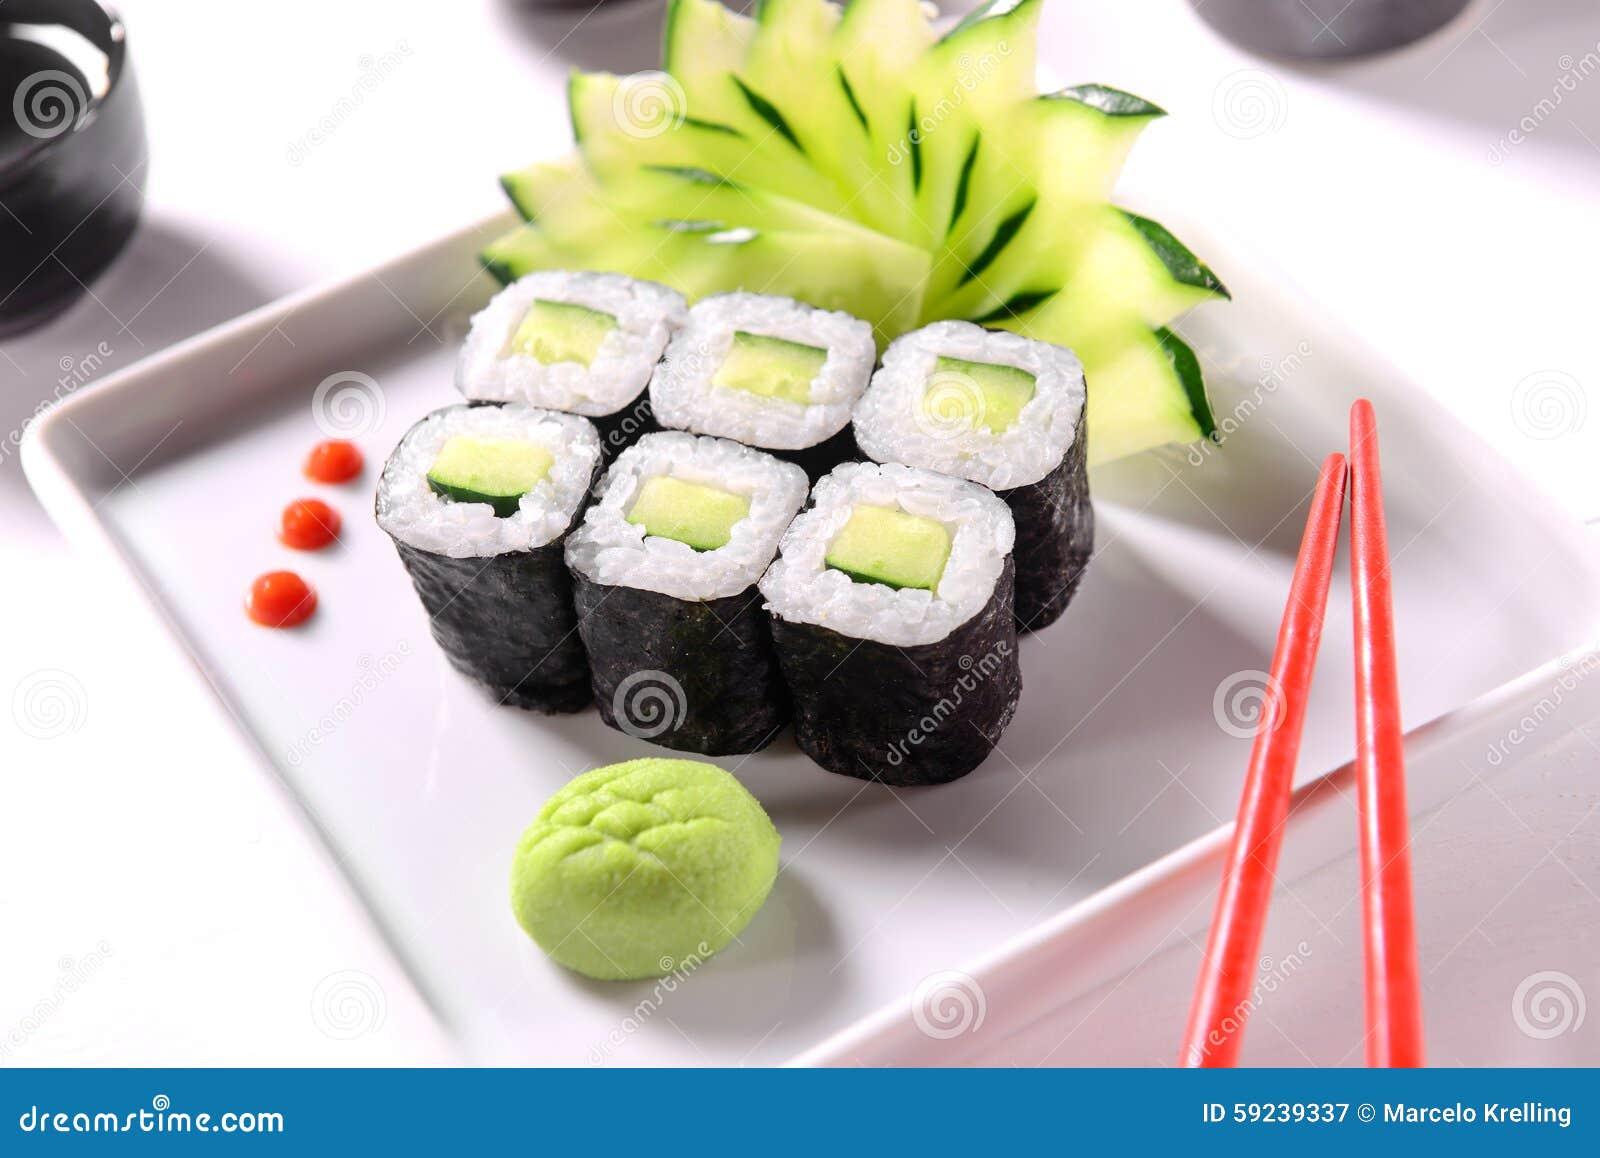 Download Sushi del pepino imagen de archivo. Imagen de placa, seises - 59239337